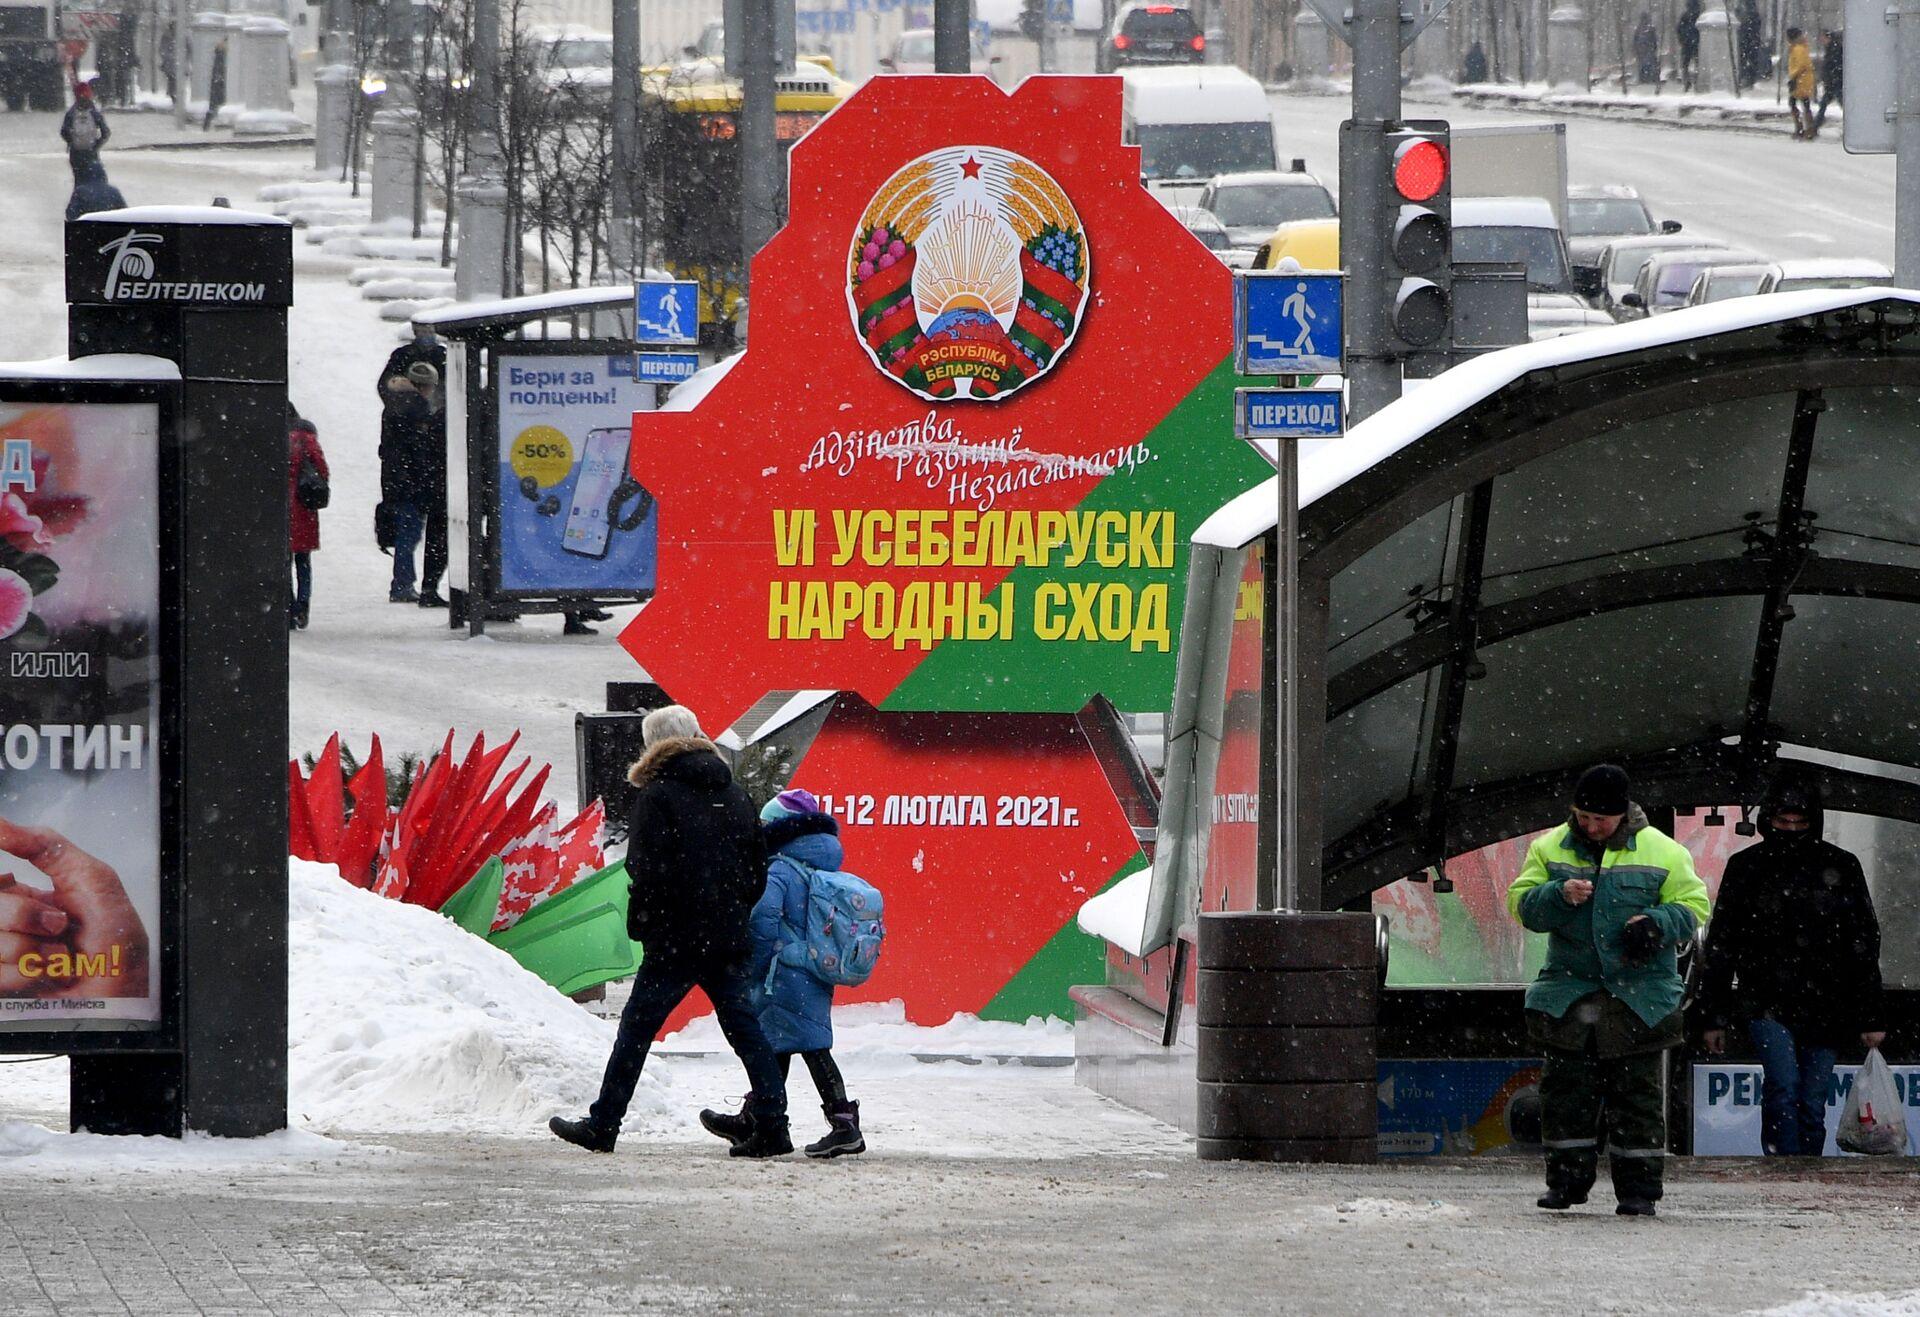 Усебеларускі народны сход - першы дзень - Sputnik Беларусь, 1920, 11.02.2021